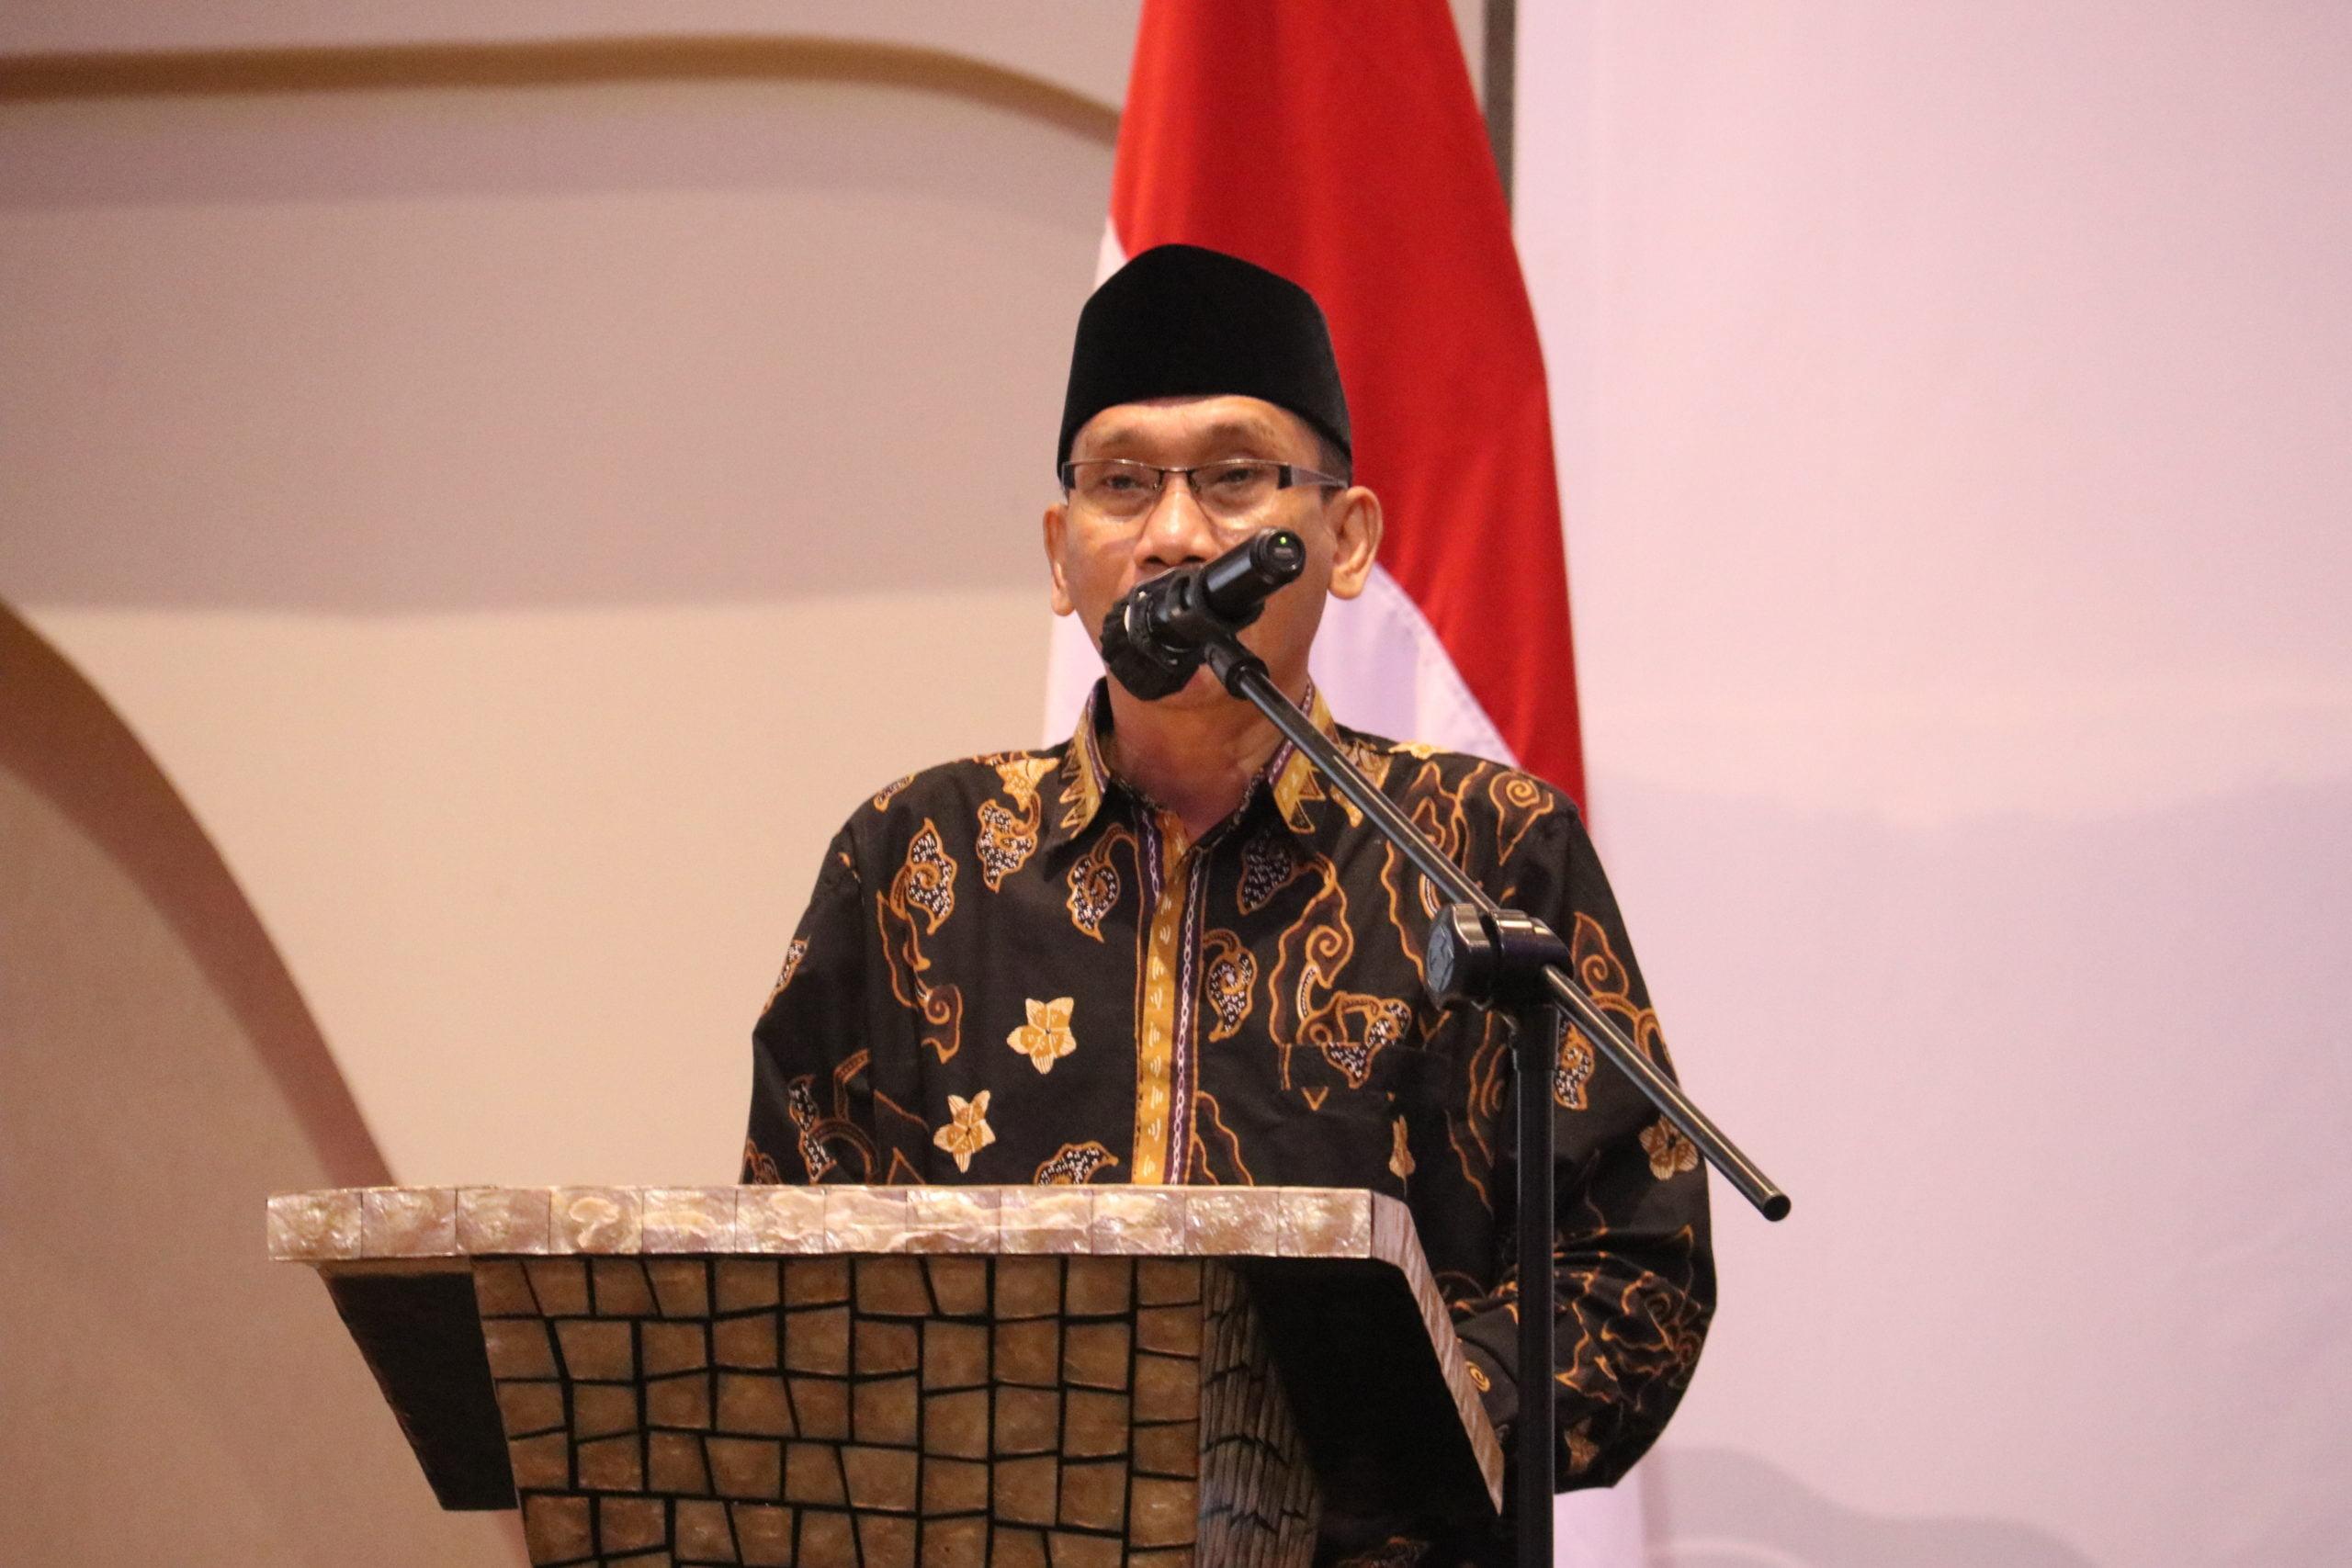 Bentuk Wujud Moderasi, IAIN Cirebon Berupaya Maksimal Menginternalisasi Nilai-Nilai Luhur Budaya Cirebon Ke Dalam Perguruan Tinggi